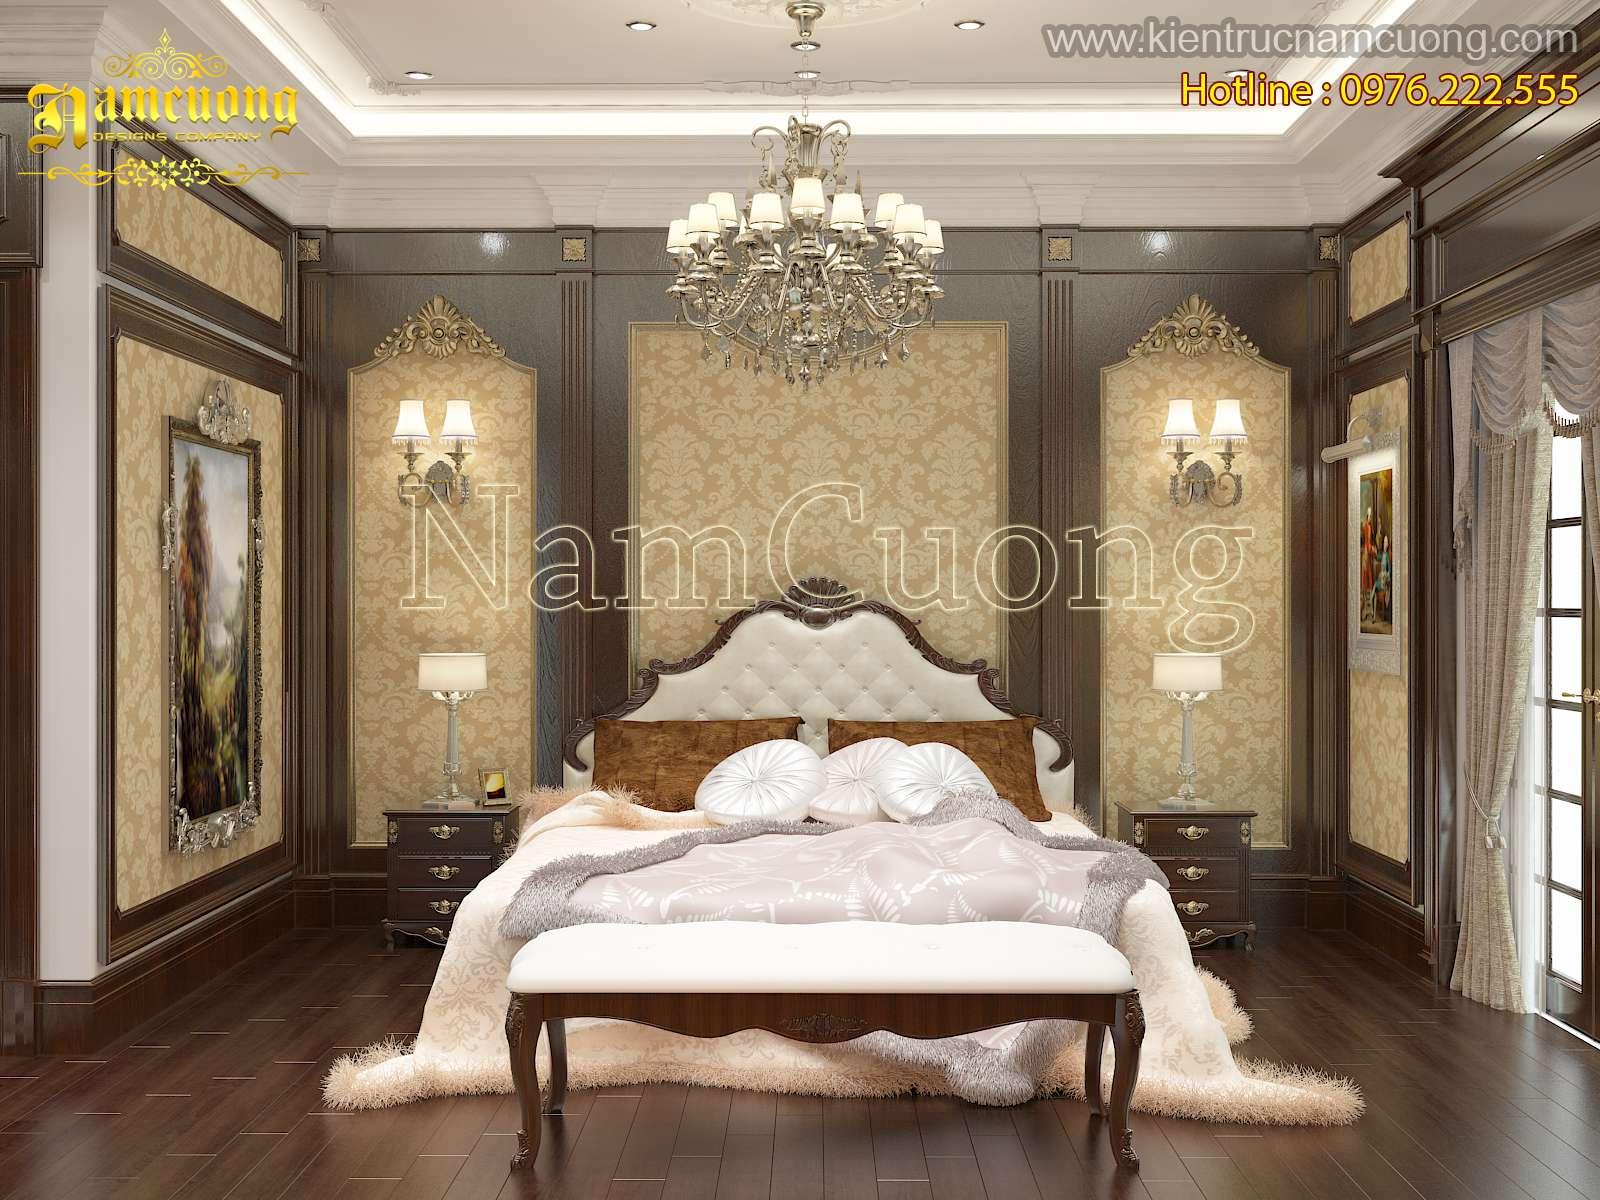 Không gian phòng ngủ đẹp cho biệt thự tân cổ điển tại Hải Phòng - PNCD 070